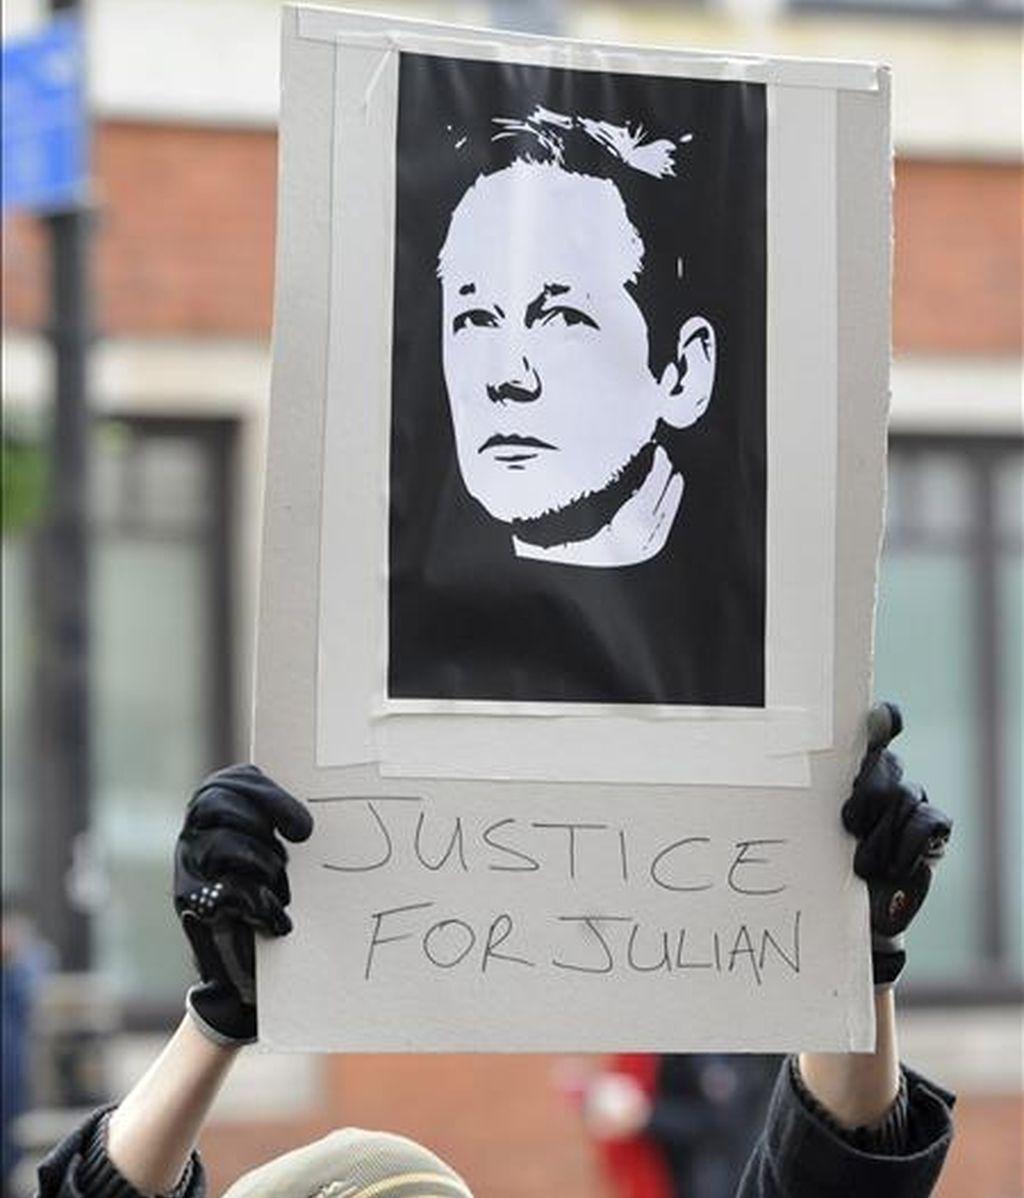 Un ciudadano pide justicia para el fundador de WikiLeaks, Julian Assange, a las puertas del Juzgado de Primera Instancia de Westminster en Londres (Reino Unido) ayer, 7 de diciembre de 2010. Numerosas personalidades se han ofrecido a avalar la fianza de Assange, entre ellos, Ken Loach, John Pilger, y la millonaria Jemima Khan. EFE